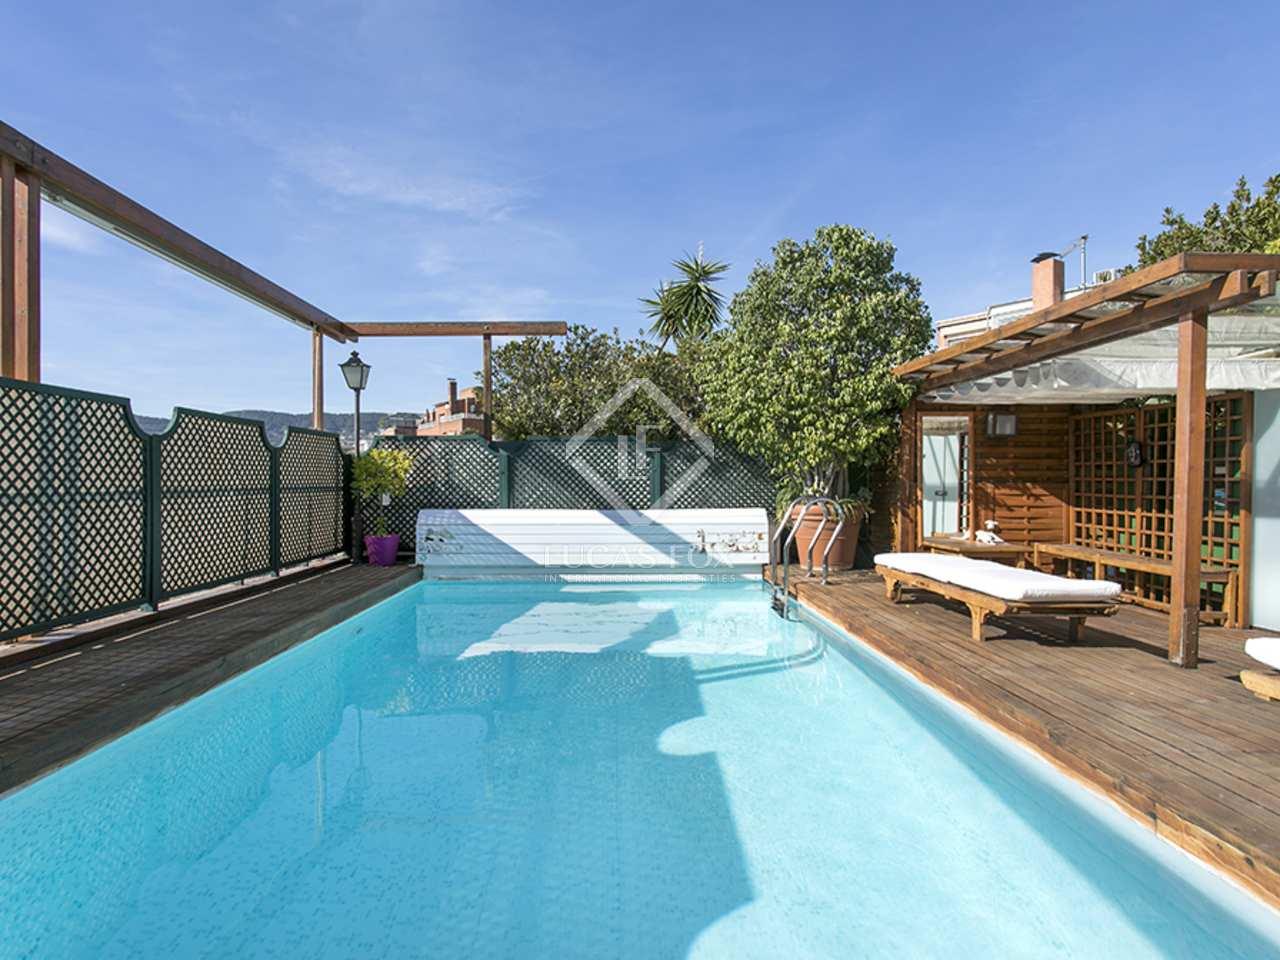 Tico con terraza y piscina en venta en tur parc - Piscina terraza atico ...